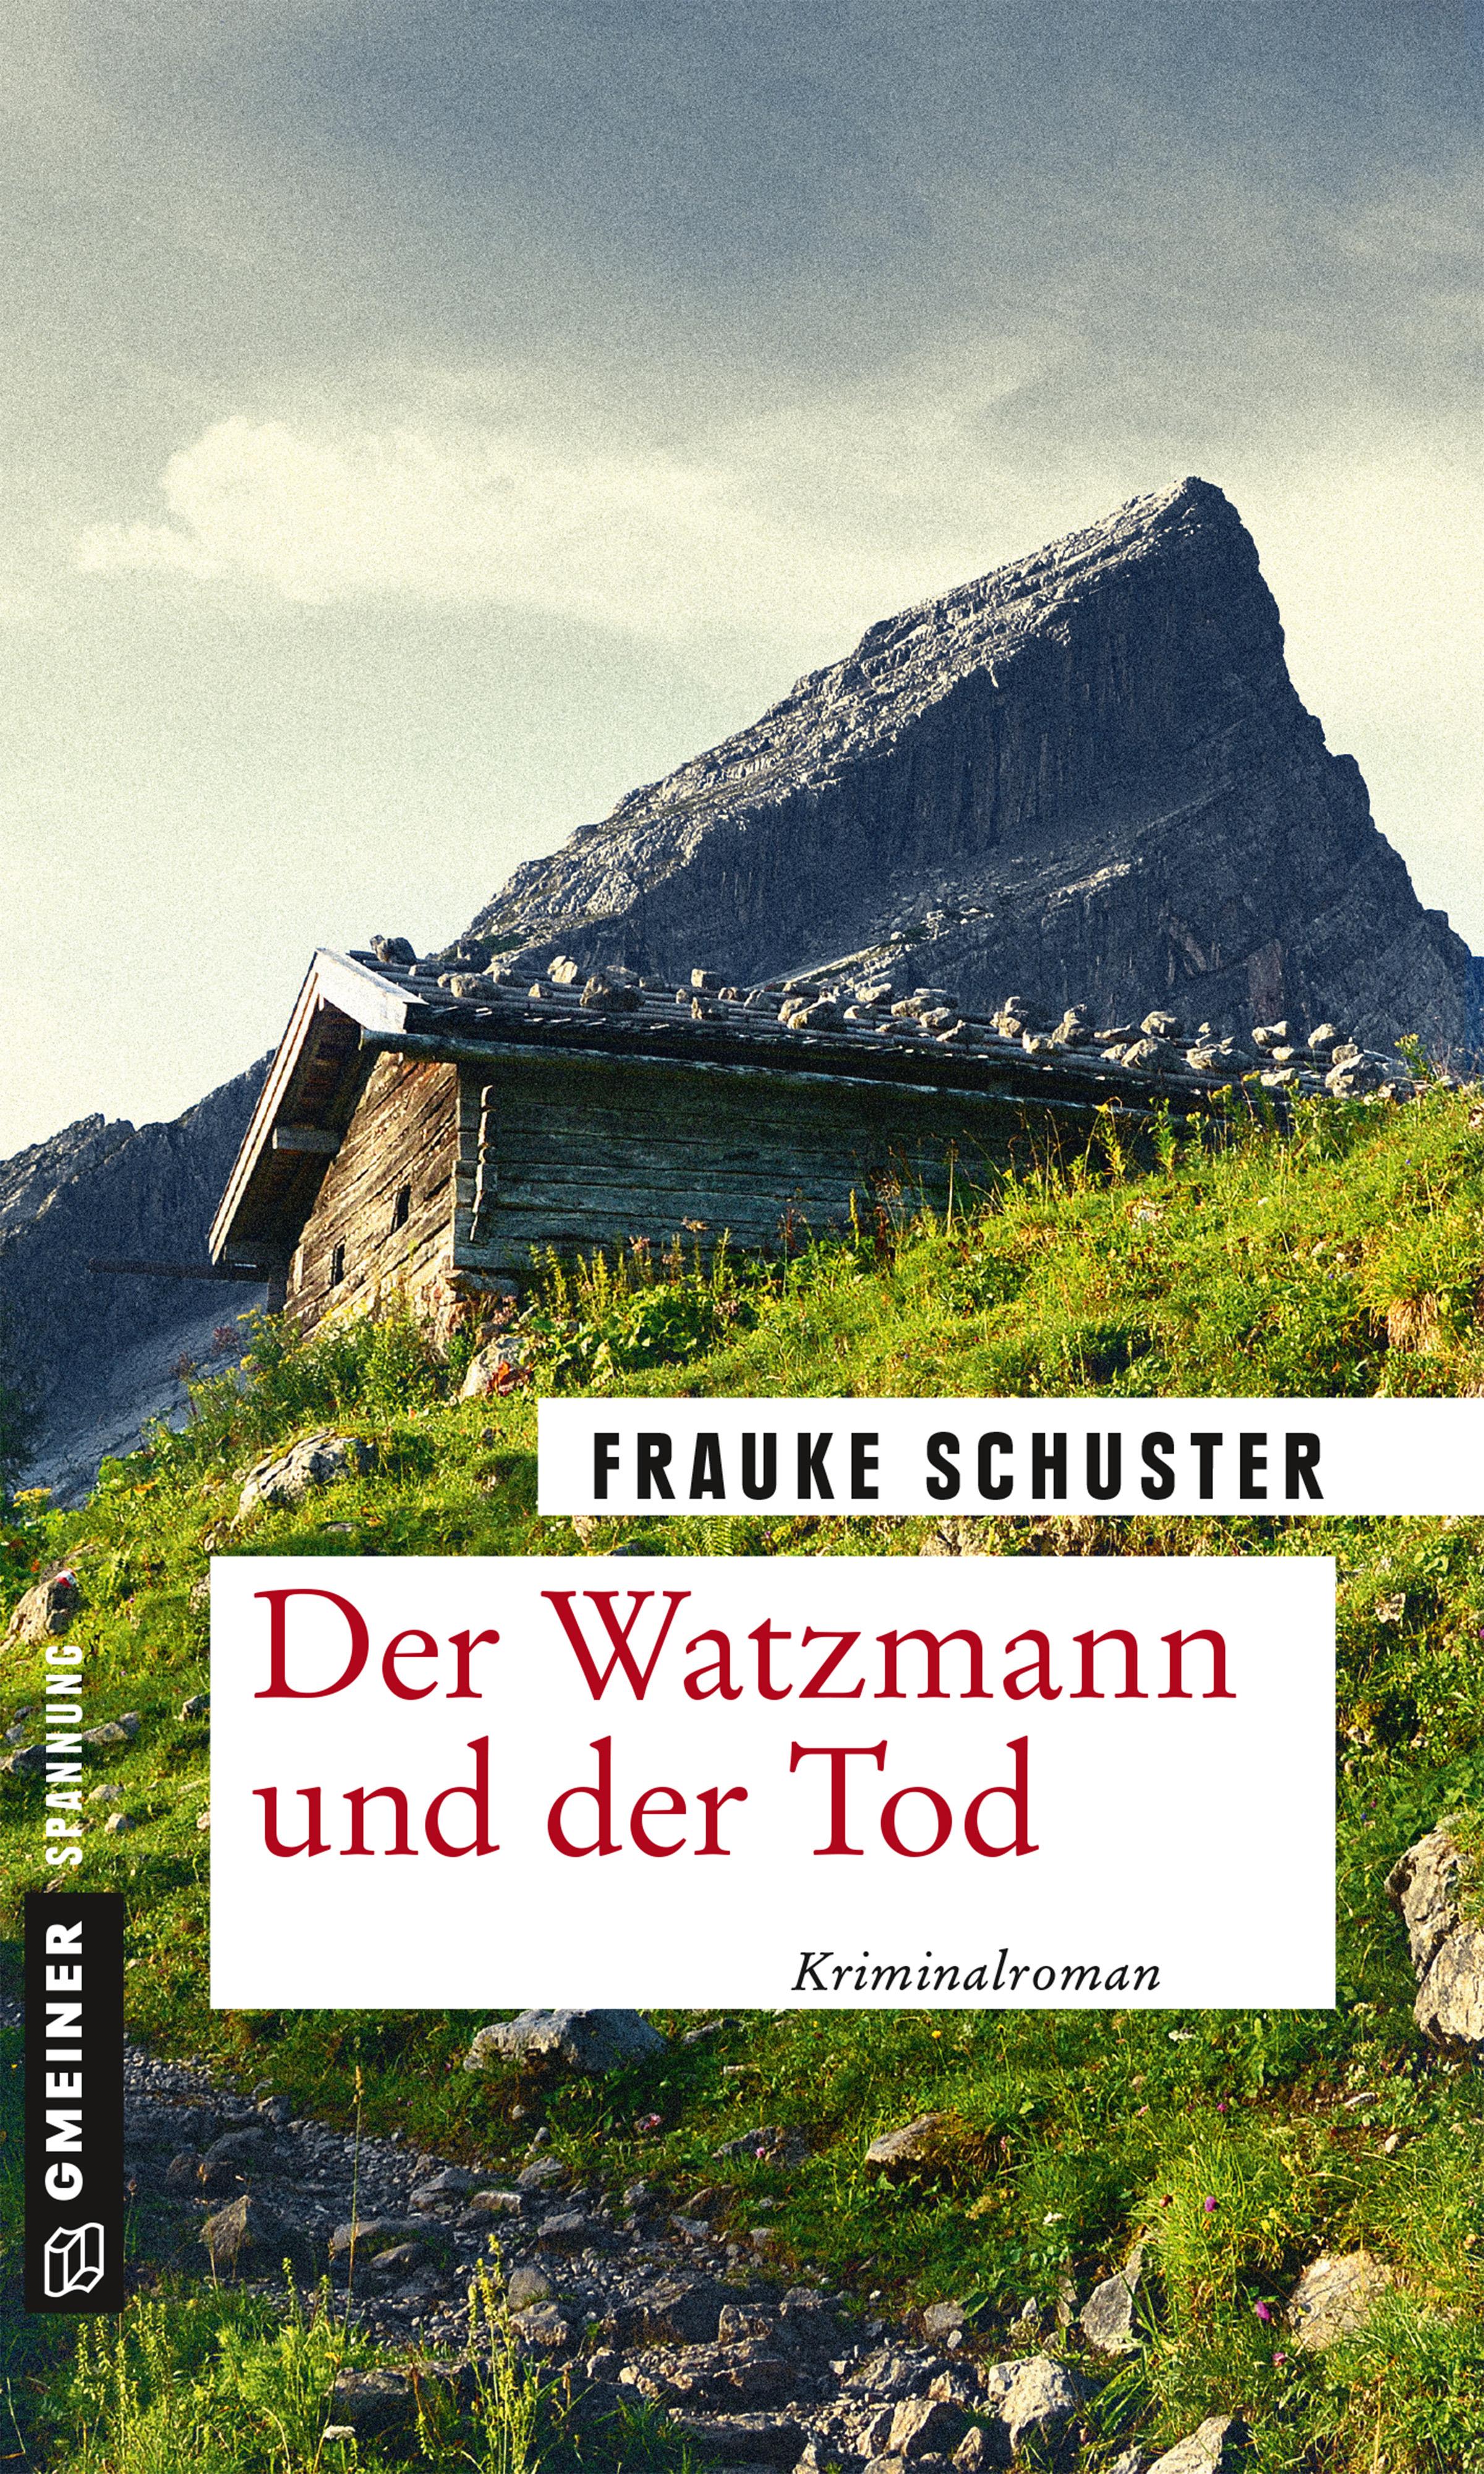 Der Watzmann und der Tod - Gmeiner Verlag